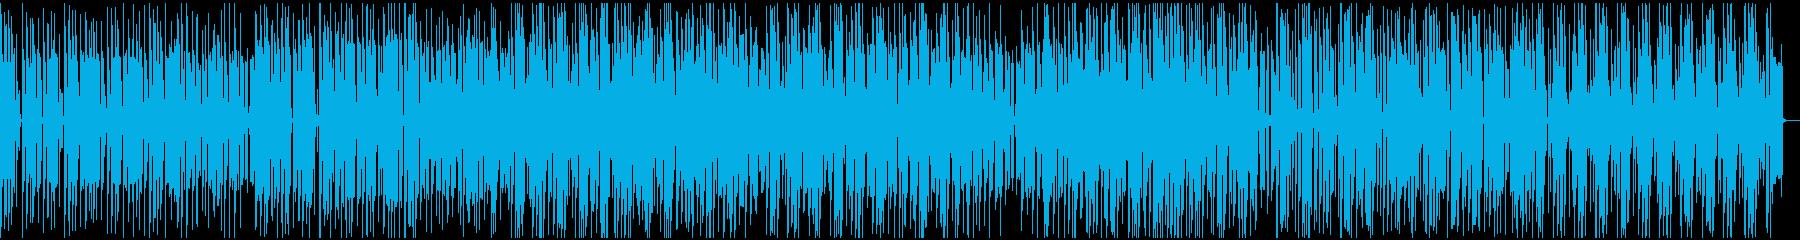 バラエティ動画向け軽快でコミカルなBGMの再生済みの波形